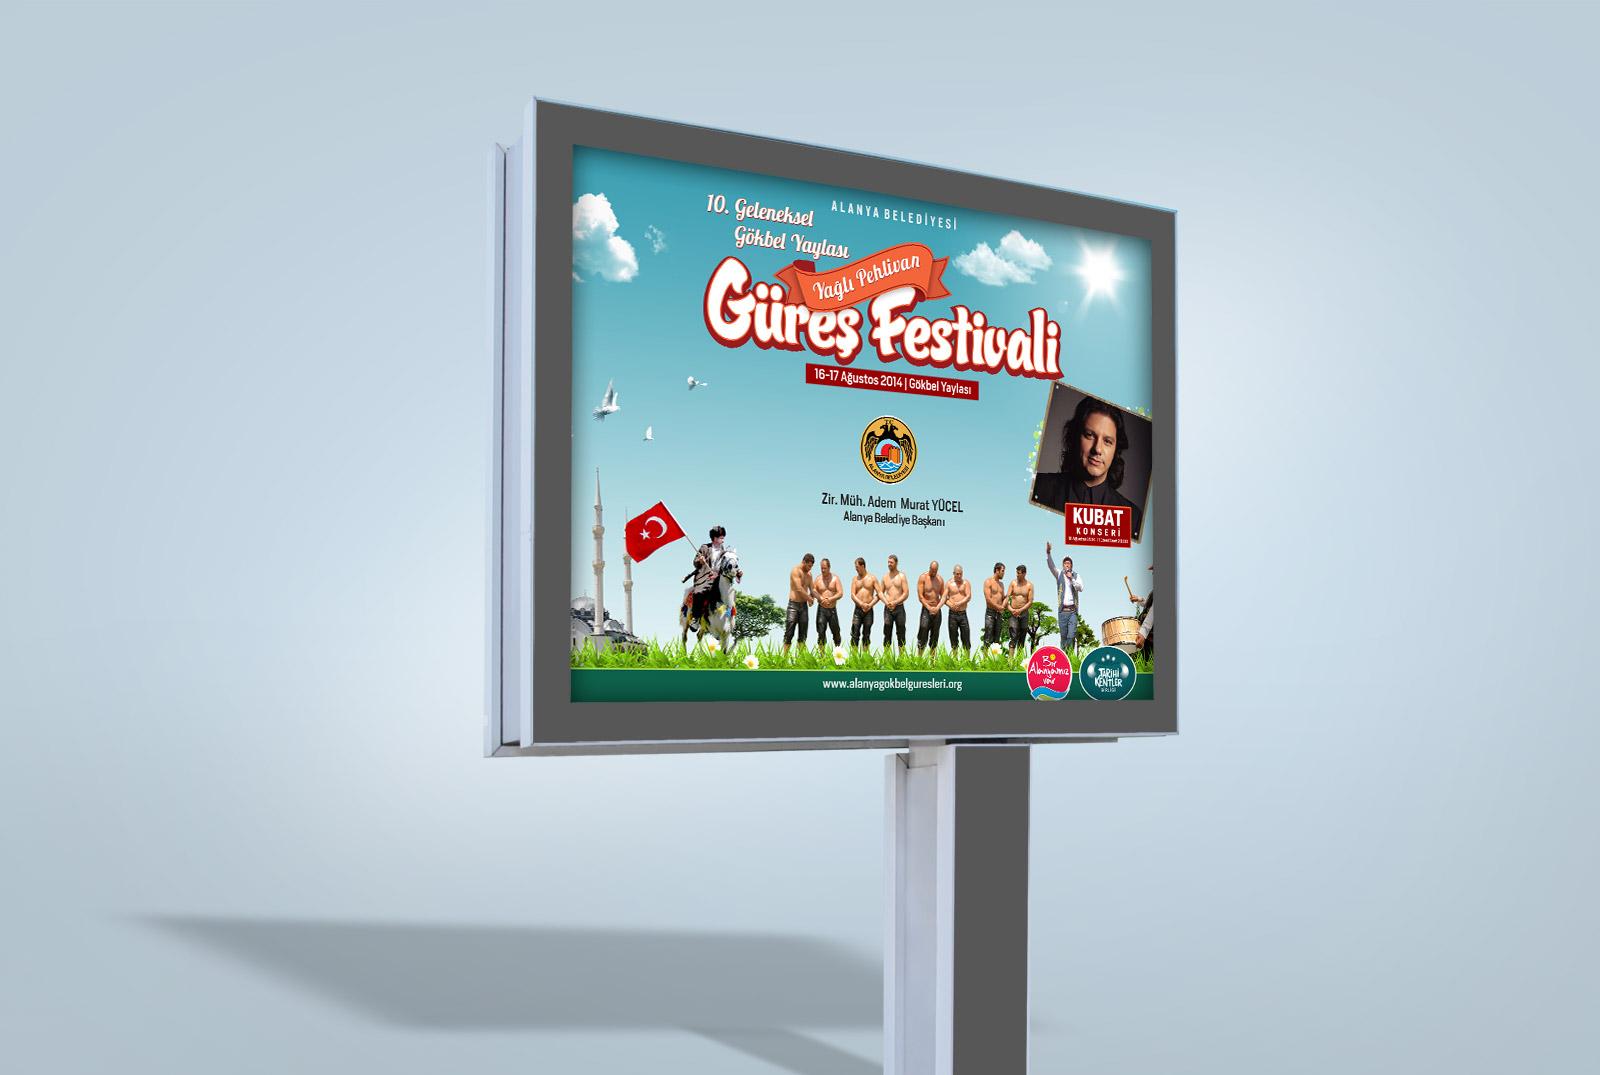 Festival Reklam Kampanyası - Gökbel Yaylası Yağlı Pehlivan Güreşleri